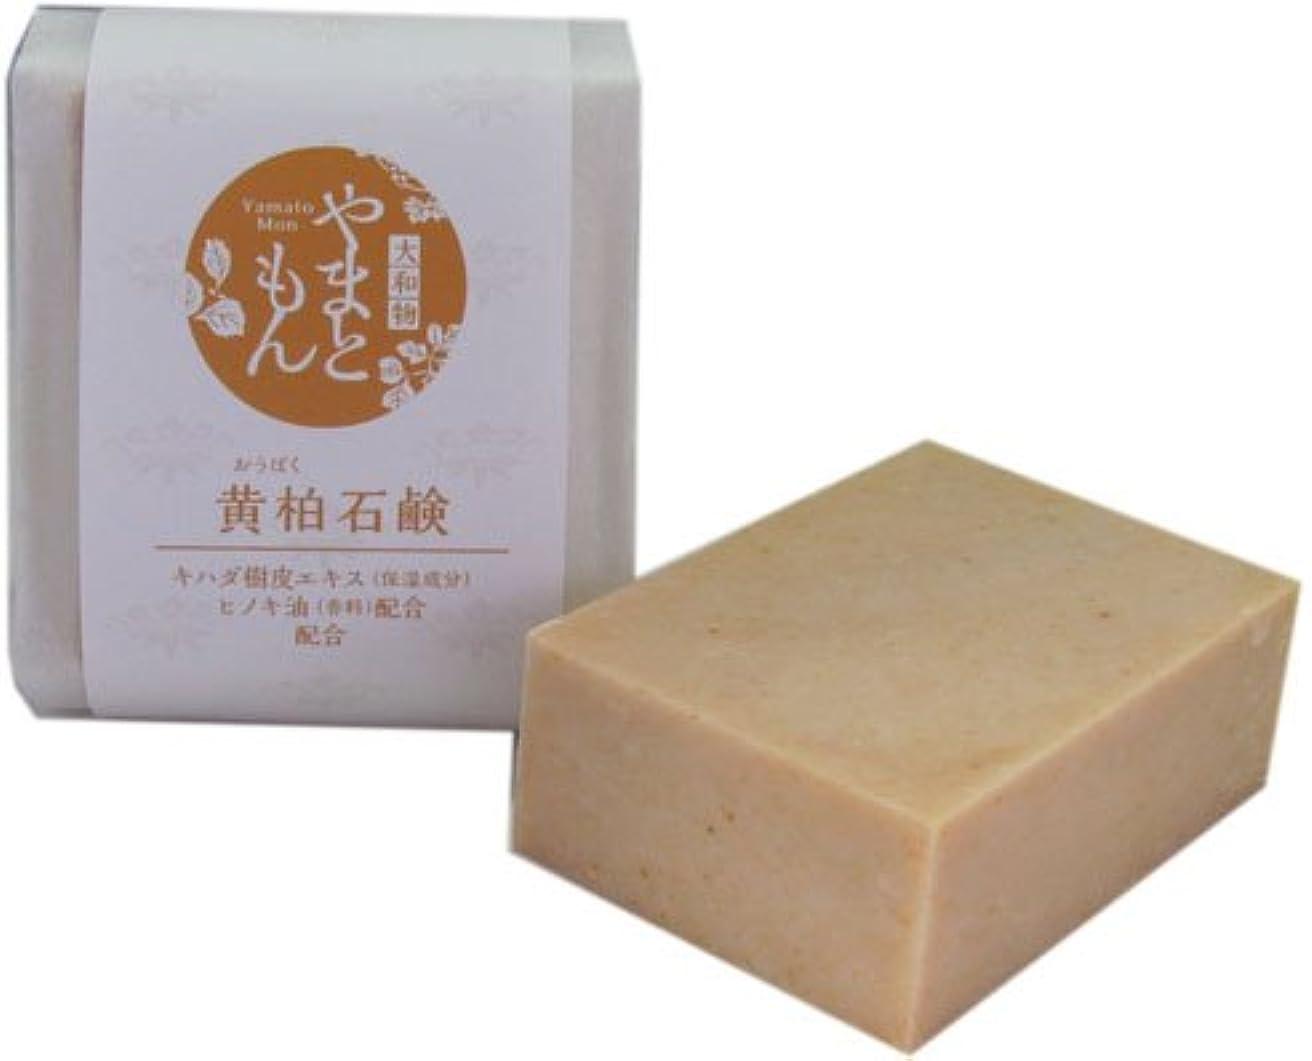 奈良産和漢生薬エキス使用やまともん化粧品 黄柏石鹸(おうばくせっけん)